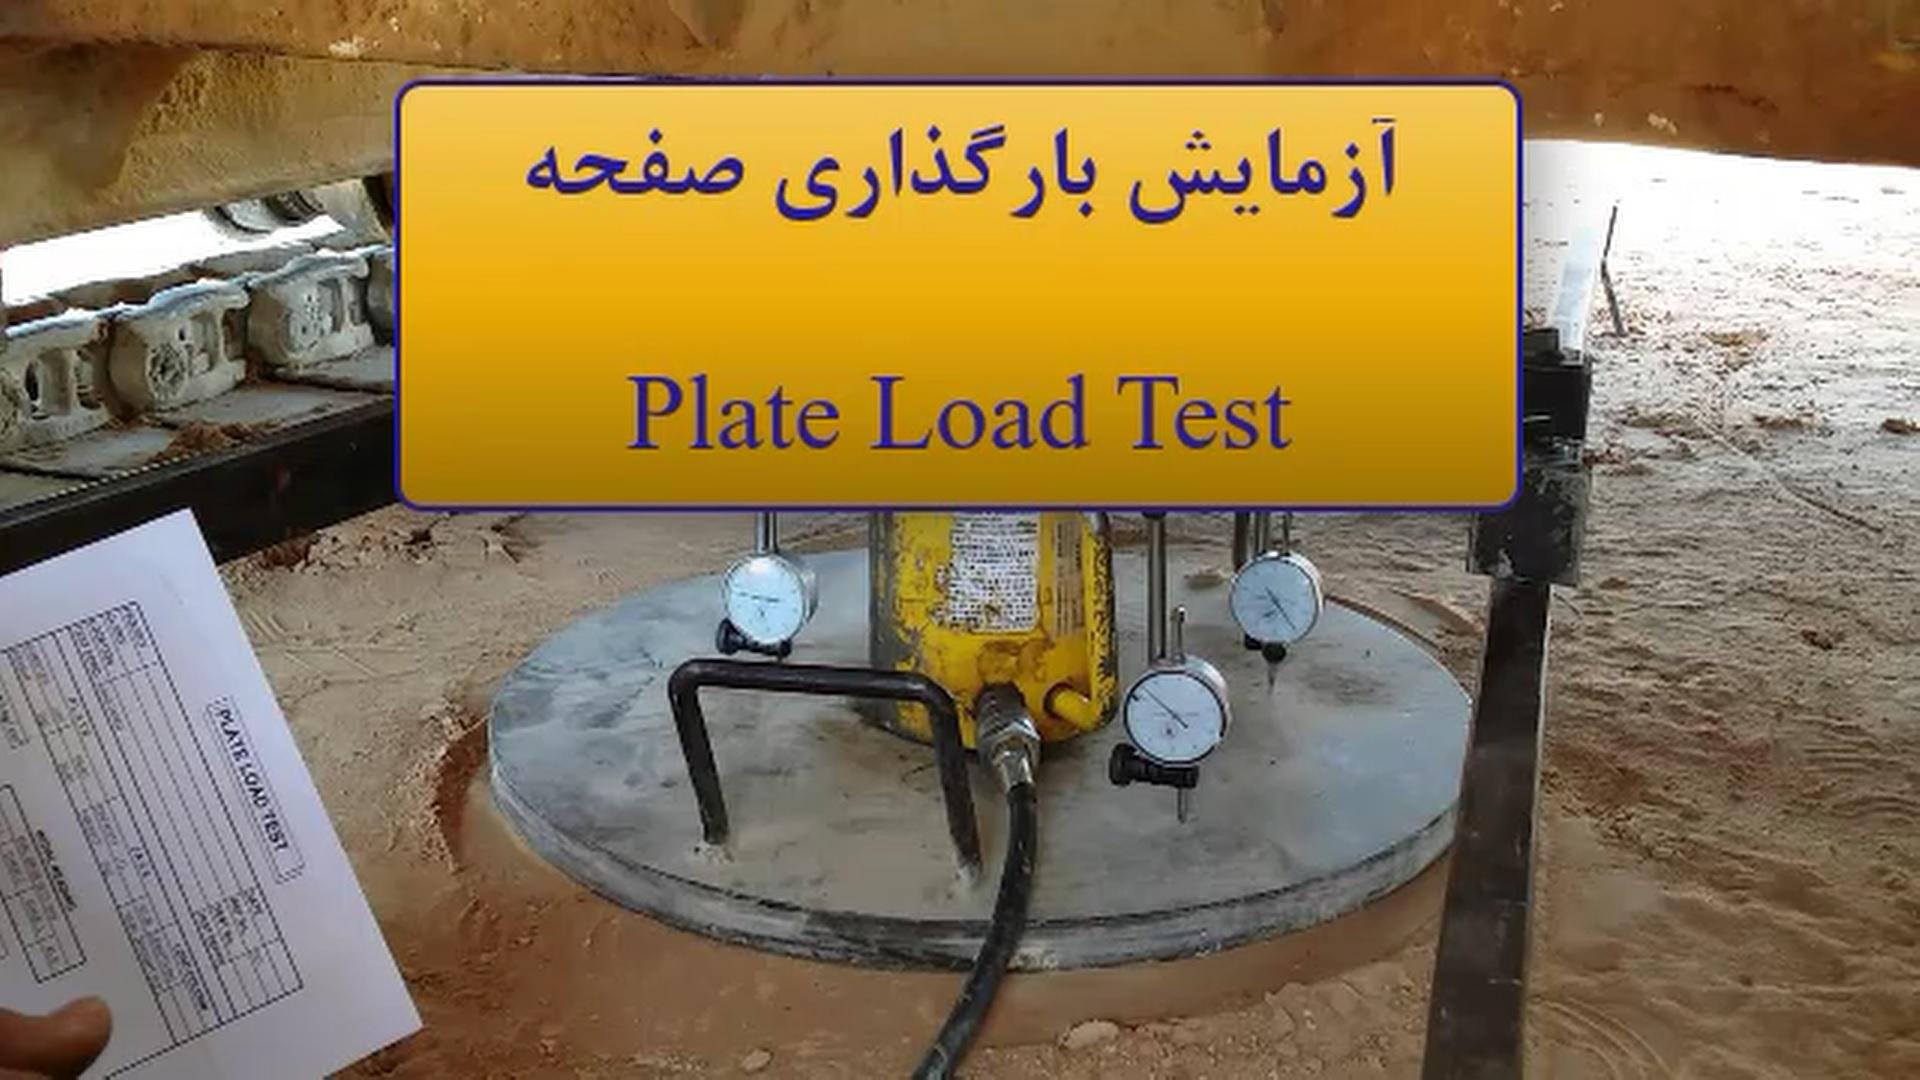 مبانی آزمایش بارگذاری صفحه ای (Plate Load Test)